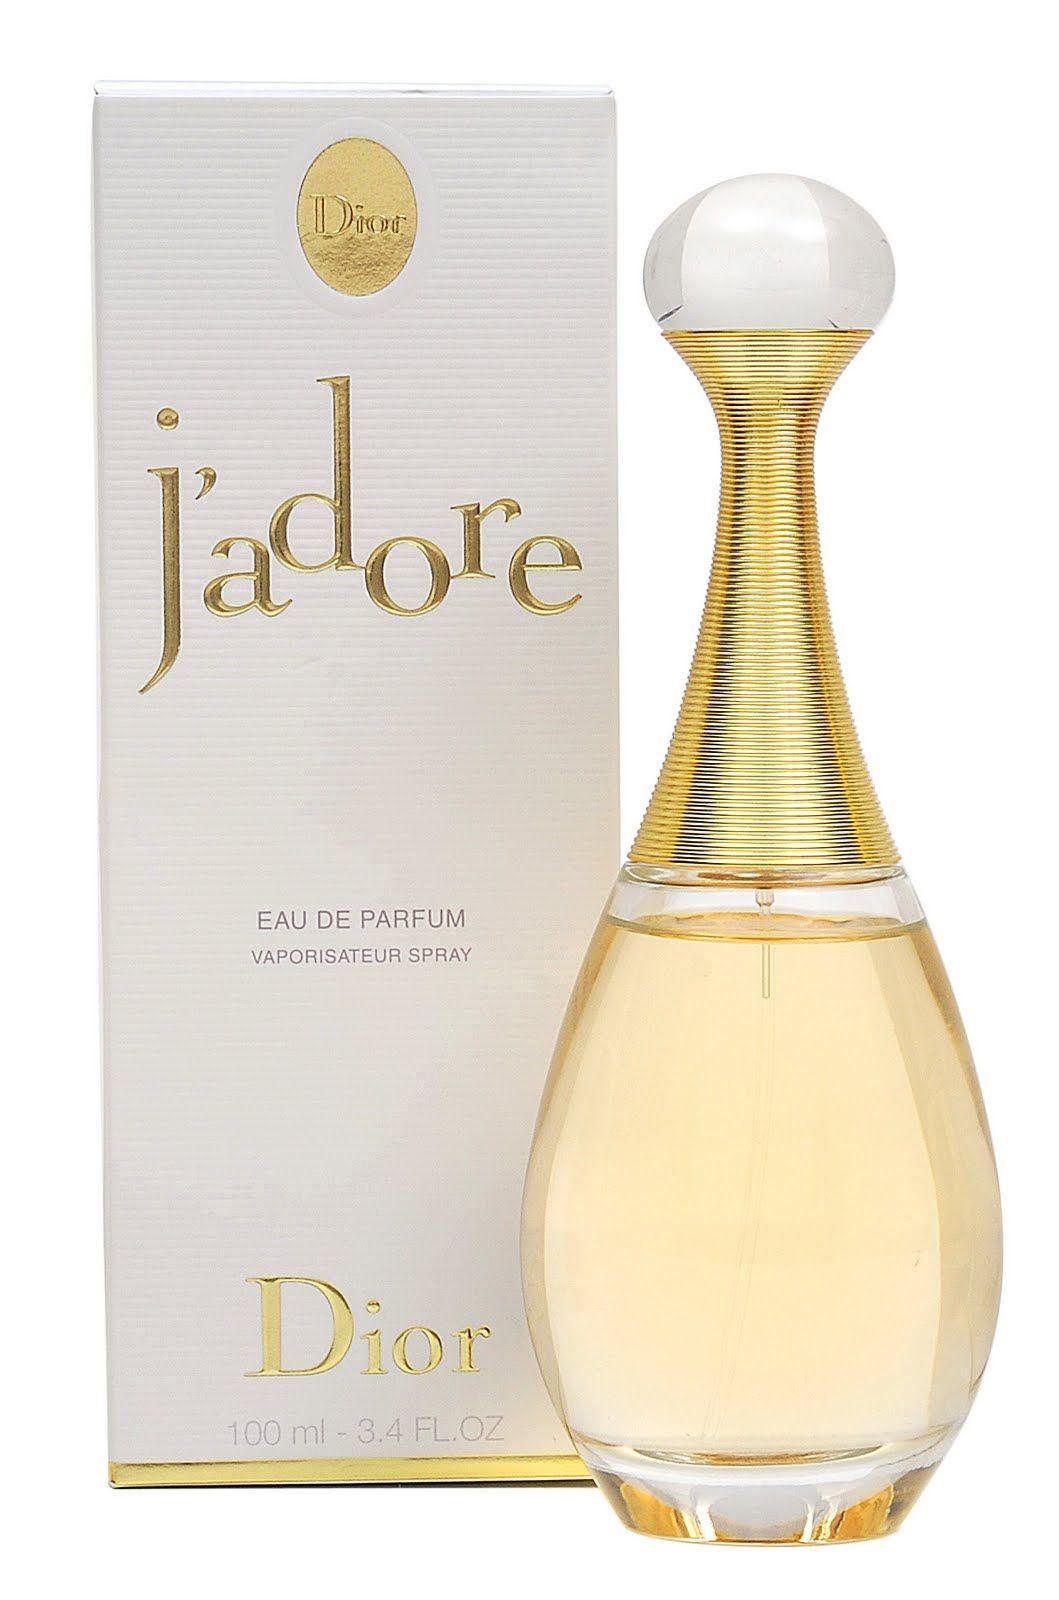 8d1efbe0667 J Adore Dior il mio preferito...mon amour💟 Perfume Dior